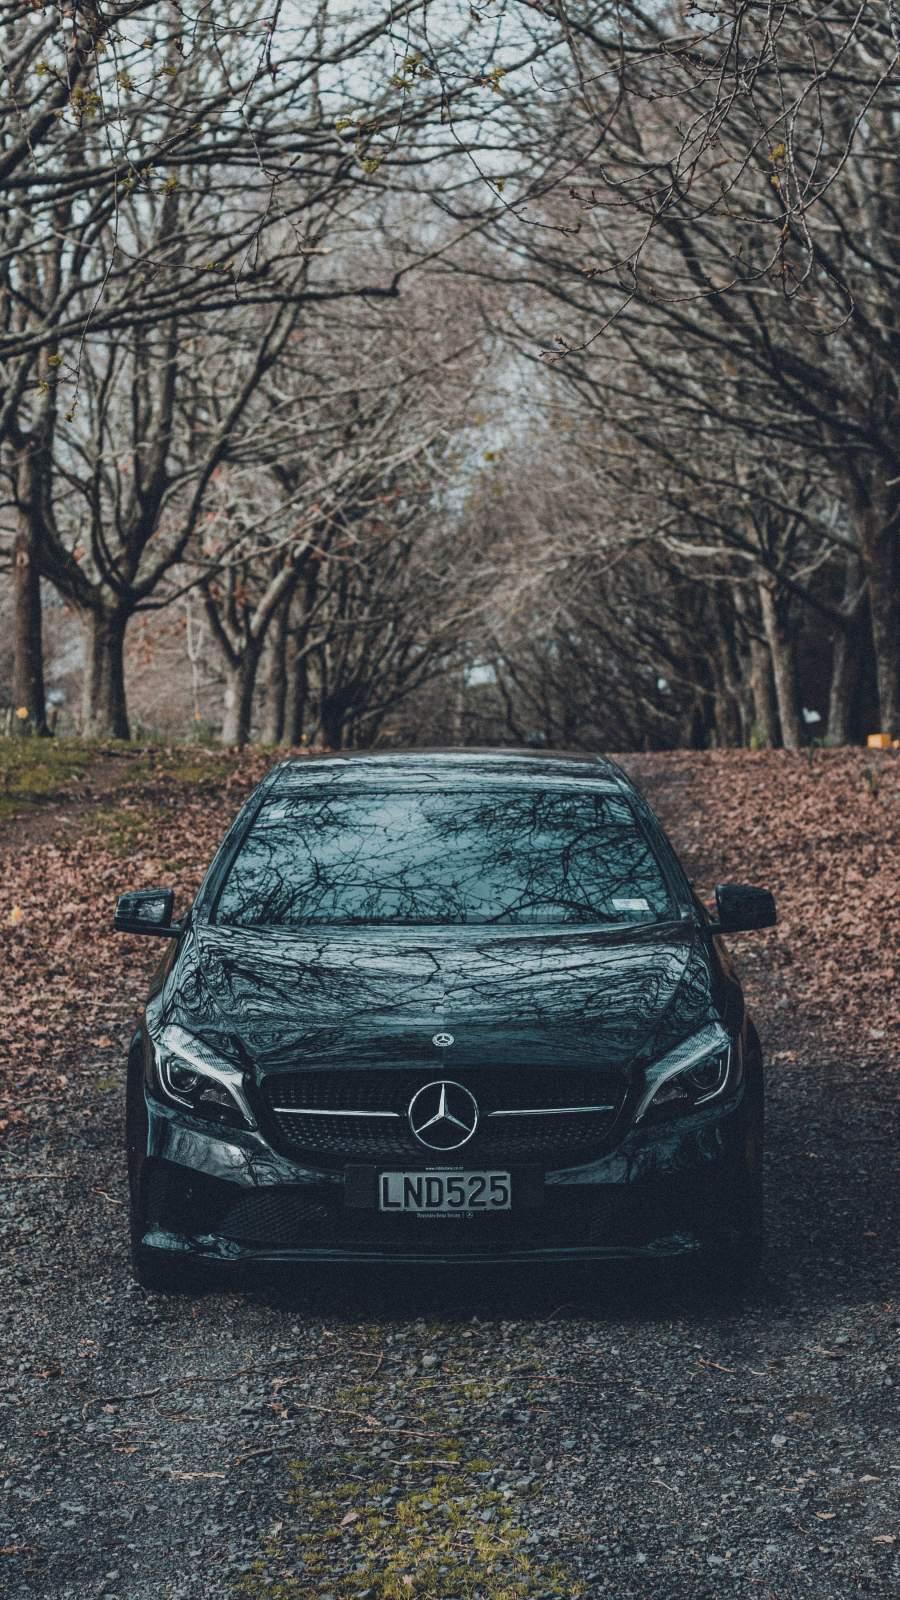 26+ Iphone Mercedes Benz C300 Wallpaper Pics